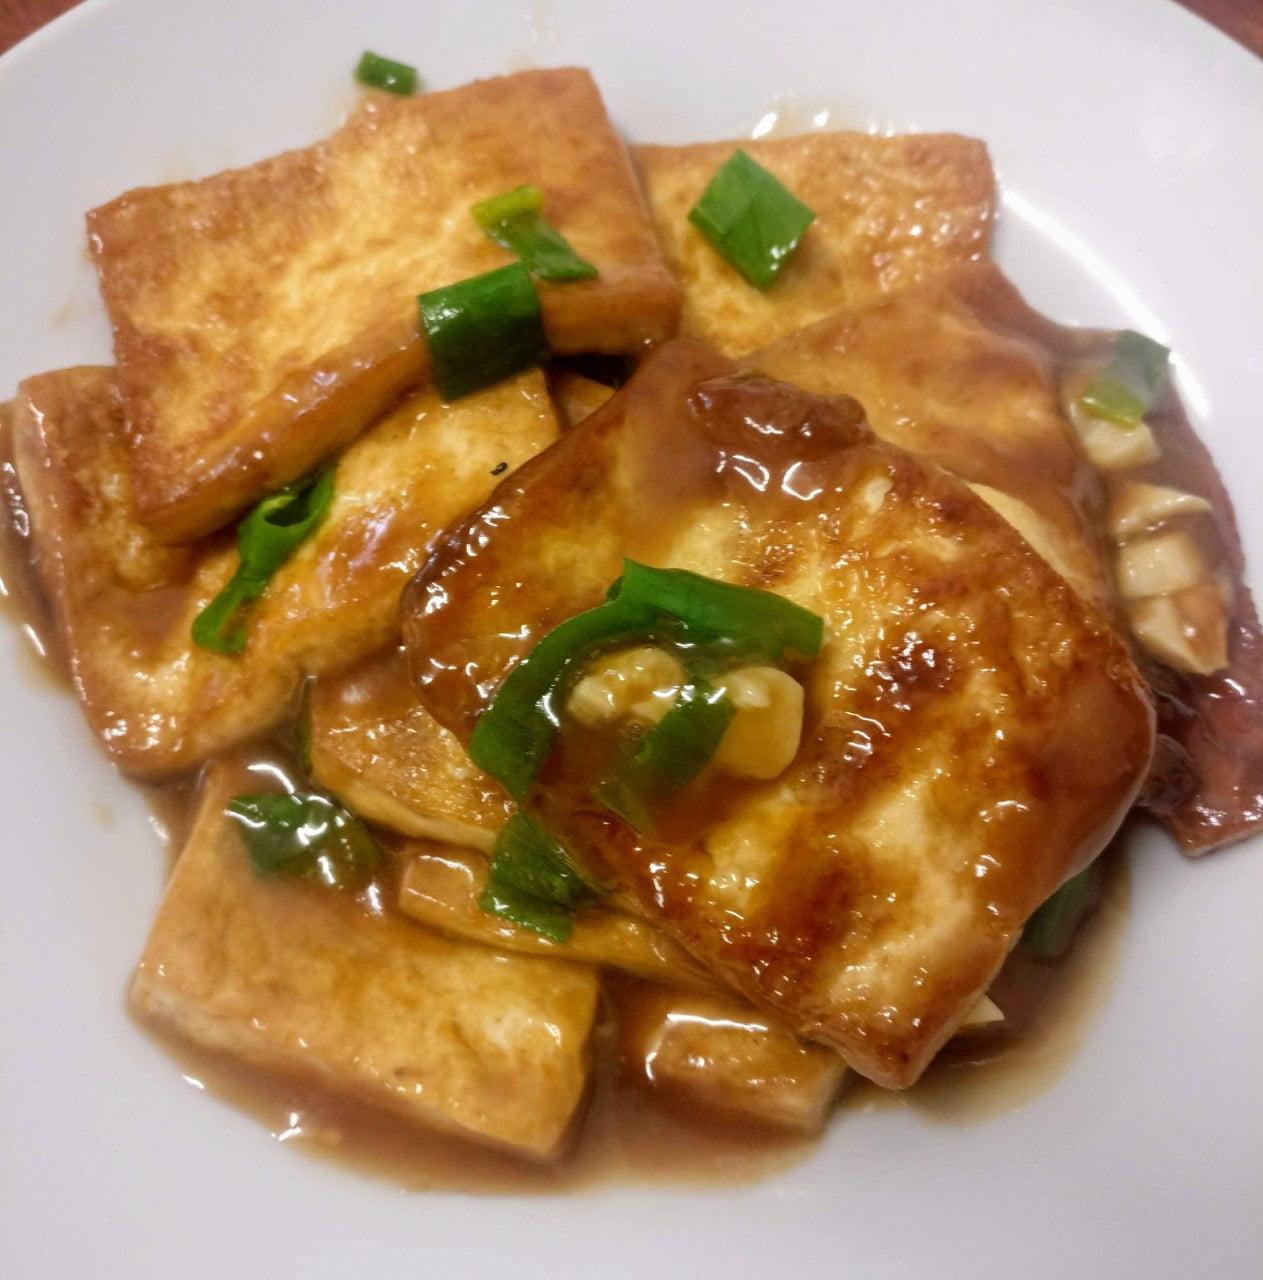 懒人料理之烧豆腐